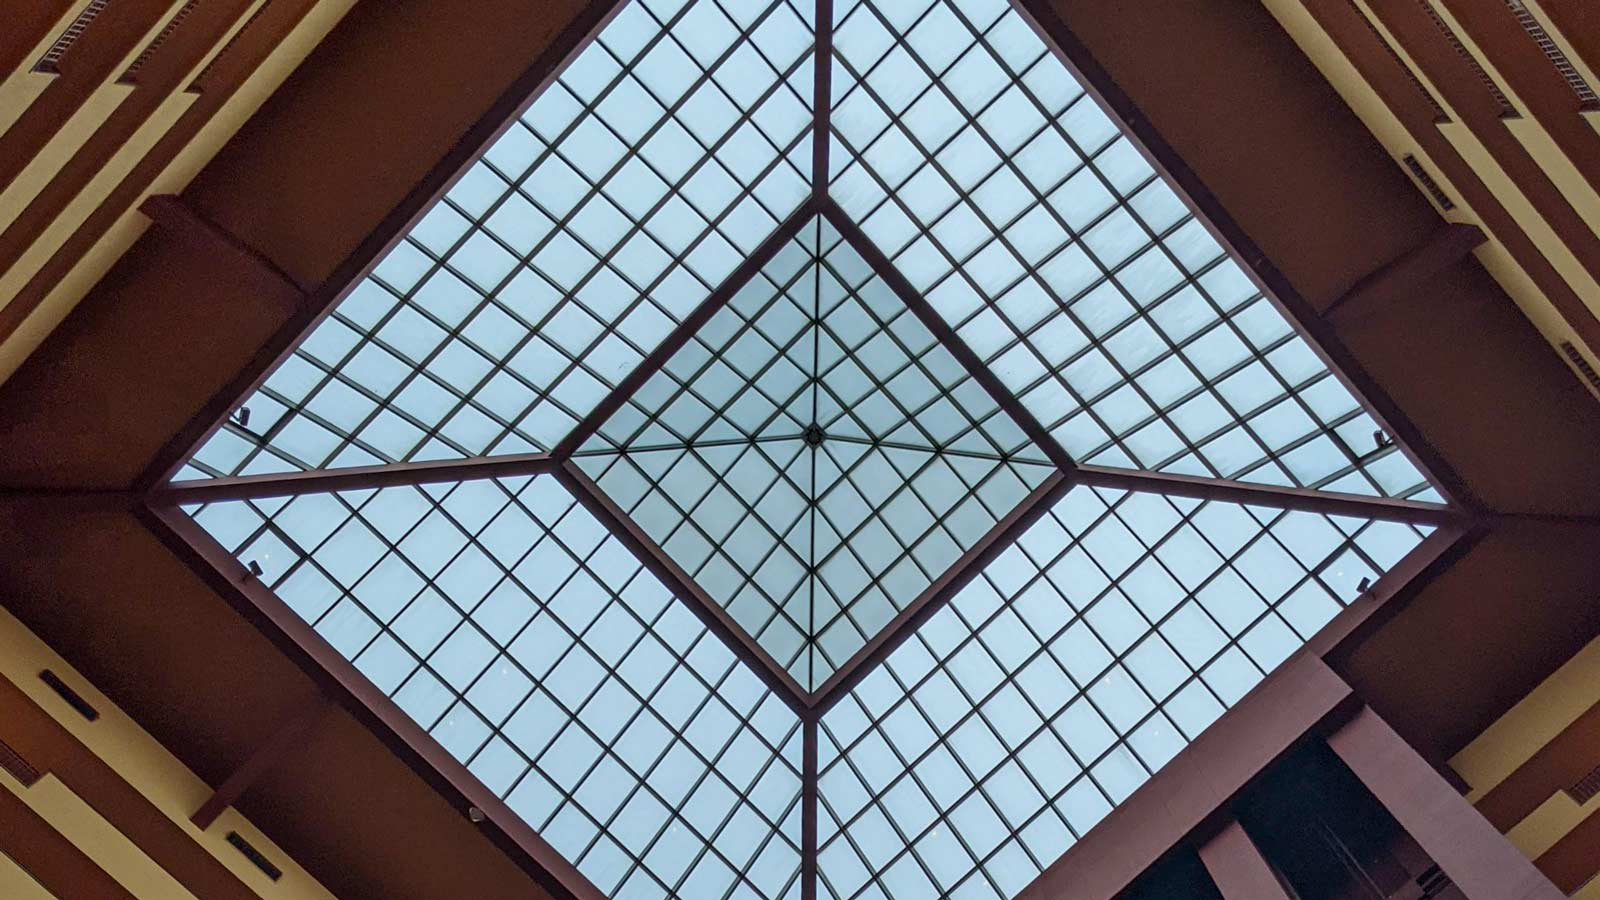 wet seal hotel skylight 32262 header 2